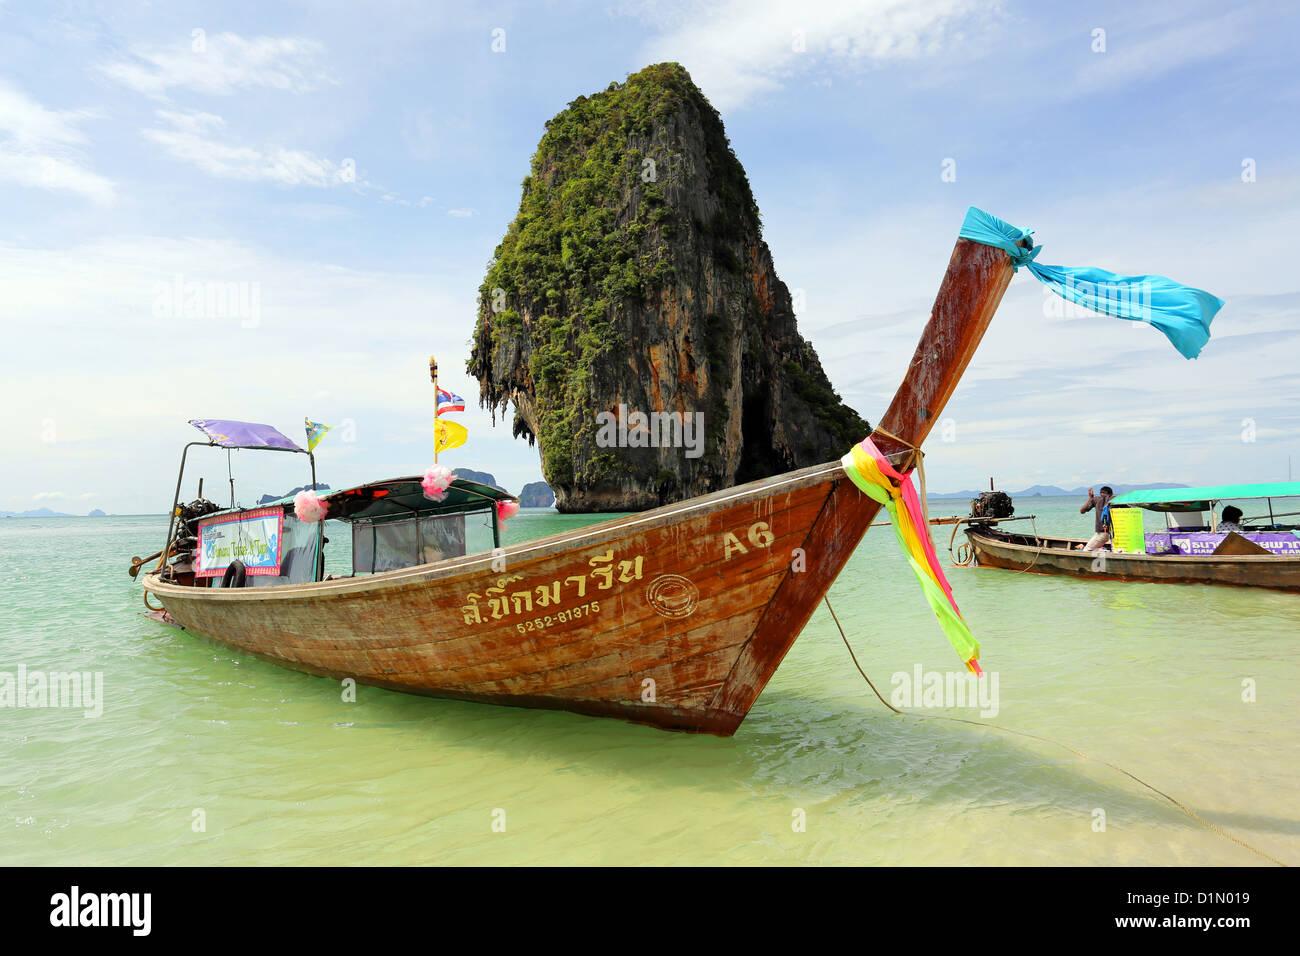 Traditional Thai long tail boat at Phranang Cave Beach, Railay Beach, Krabi, Phuket, Thailand - Stock Image